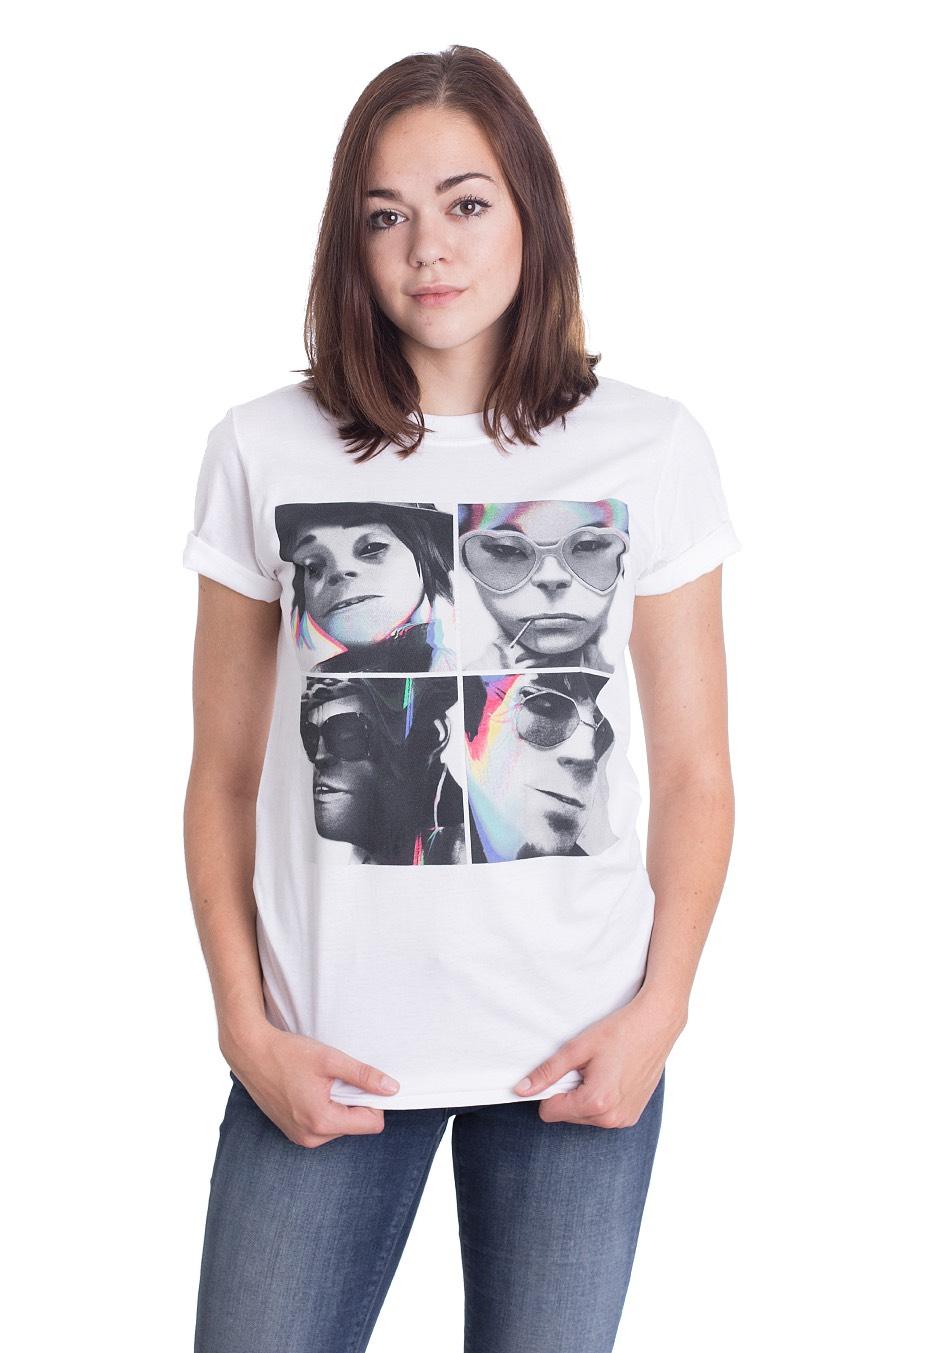 Humanz Gorillaz Glitch T Indie Boutique Shirt White Officielle ID9H2EYW